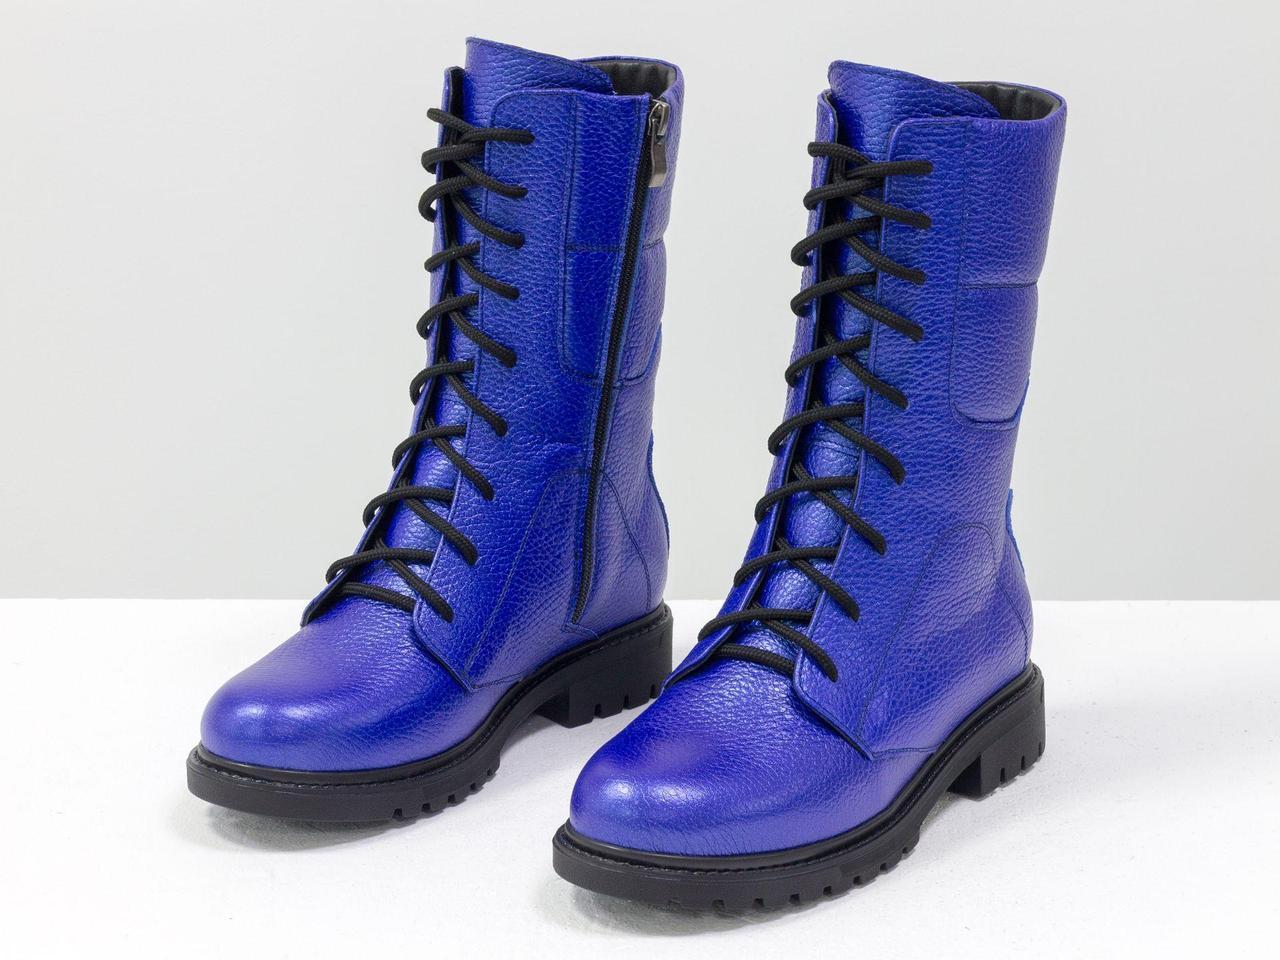 Ботинки из натуральной кожи флотар ярко-синего цвета, на шнурке и на утолщенной подошве черного цвета 36-41р.